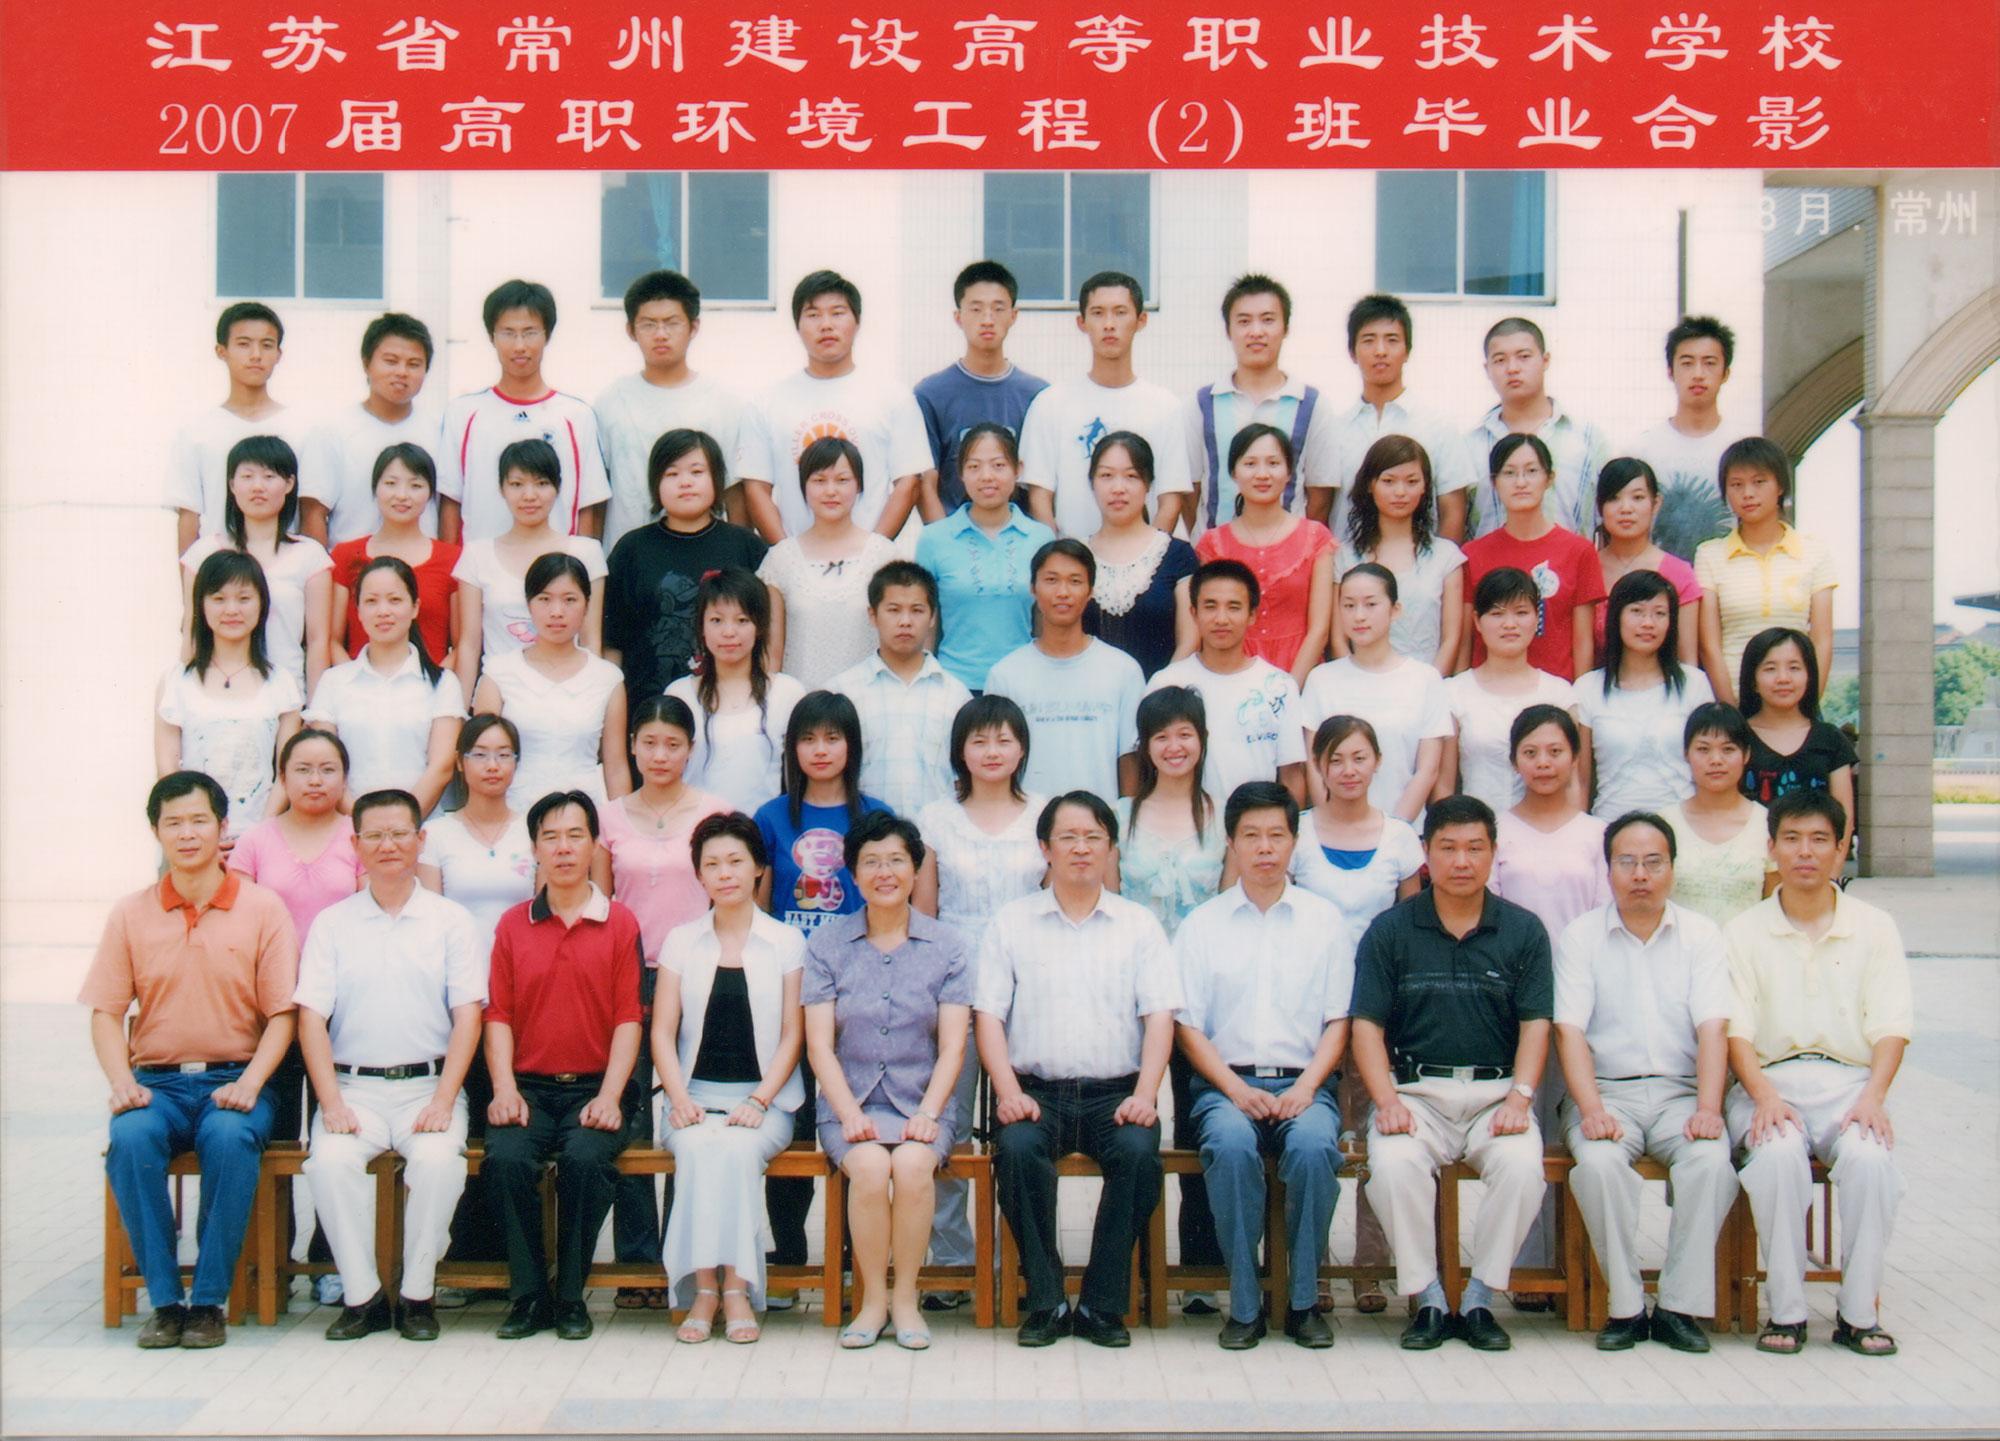 江苏省常州建设高等职业技术学校...